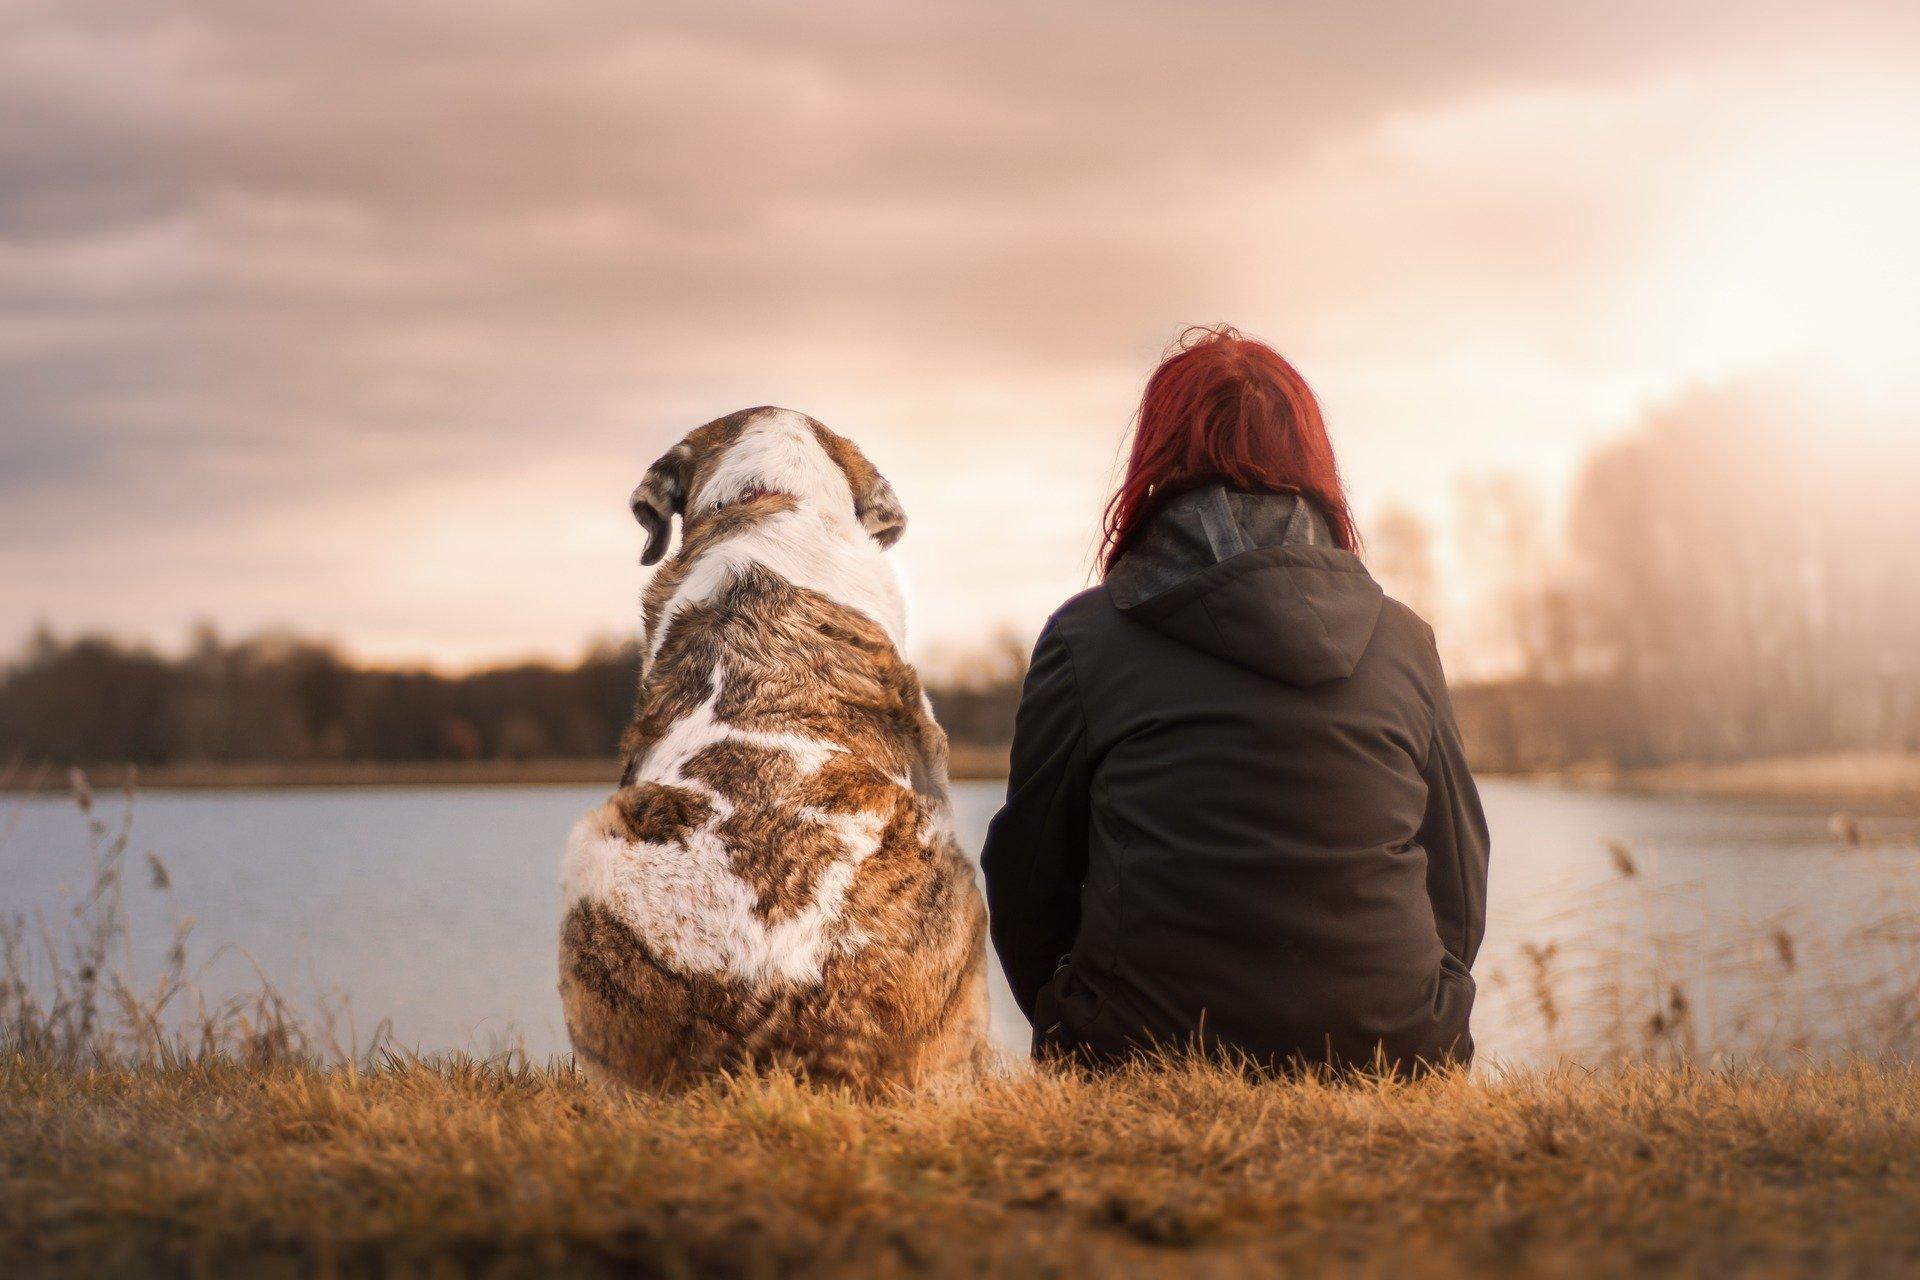 friends g96e5f4442 1920 - Los beneficios de cuidar de mascotas para alcanzar el bienestar